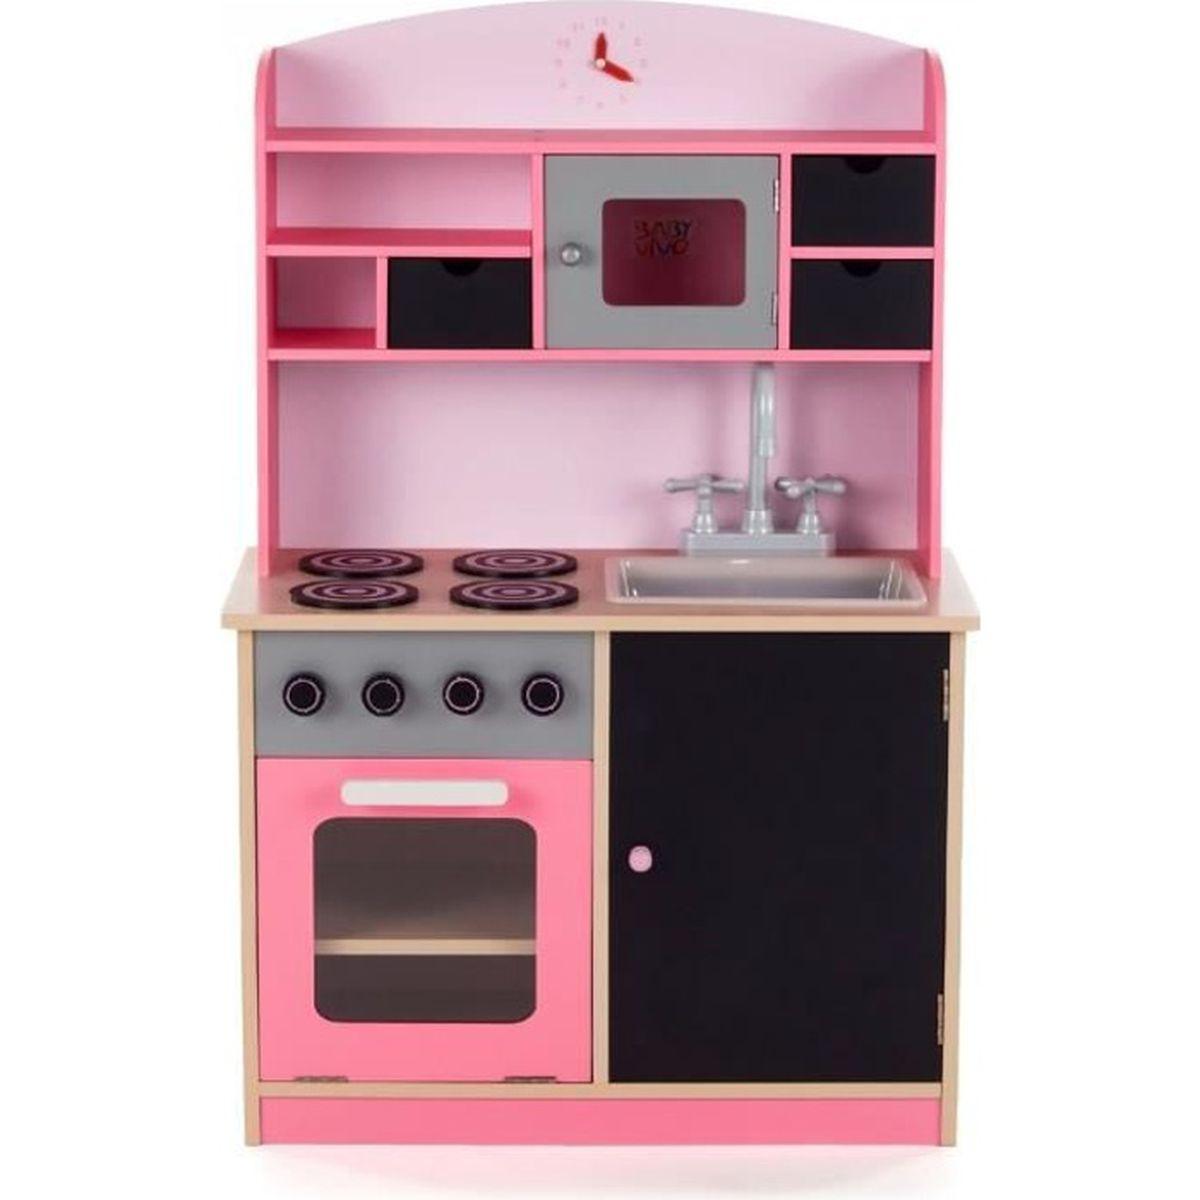 Tableau memo cuisine design dj vu cm de long cm de large for Tableau memo cuisine design